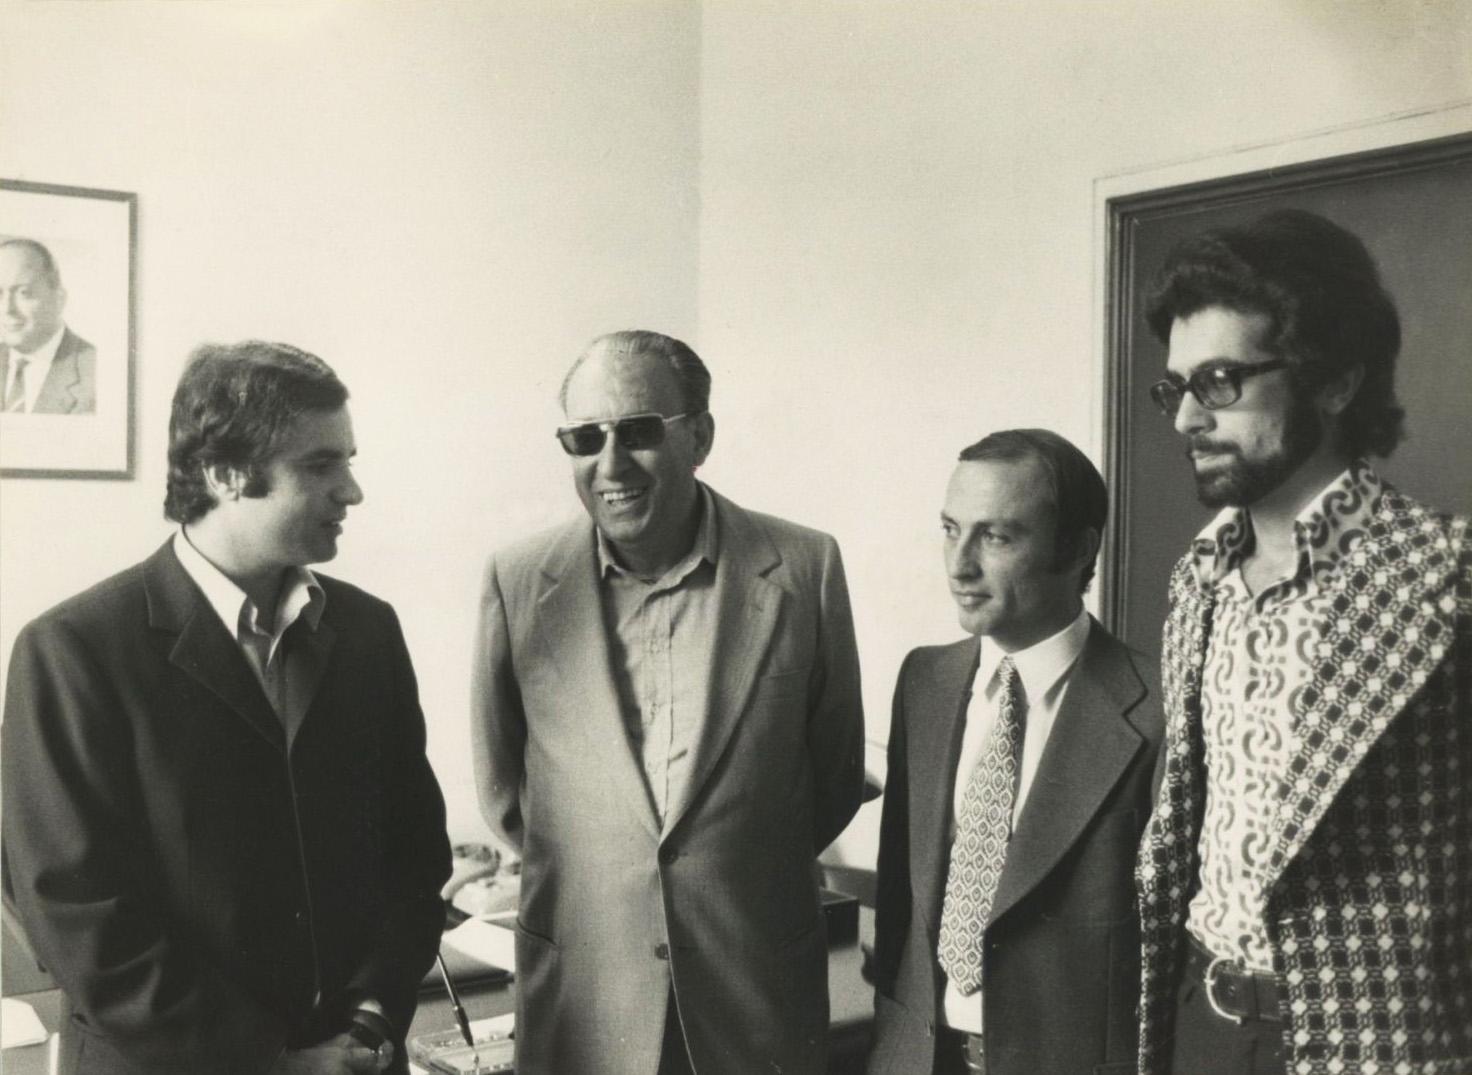 Stathis Panagulis, Nikos Zambelis e Giacomo Mancini_sullo sfondo alla parete l'immagine di Brodolini